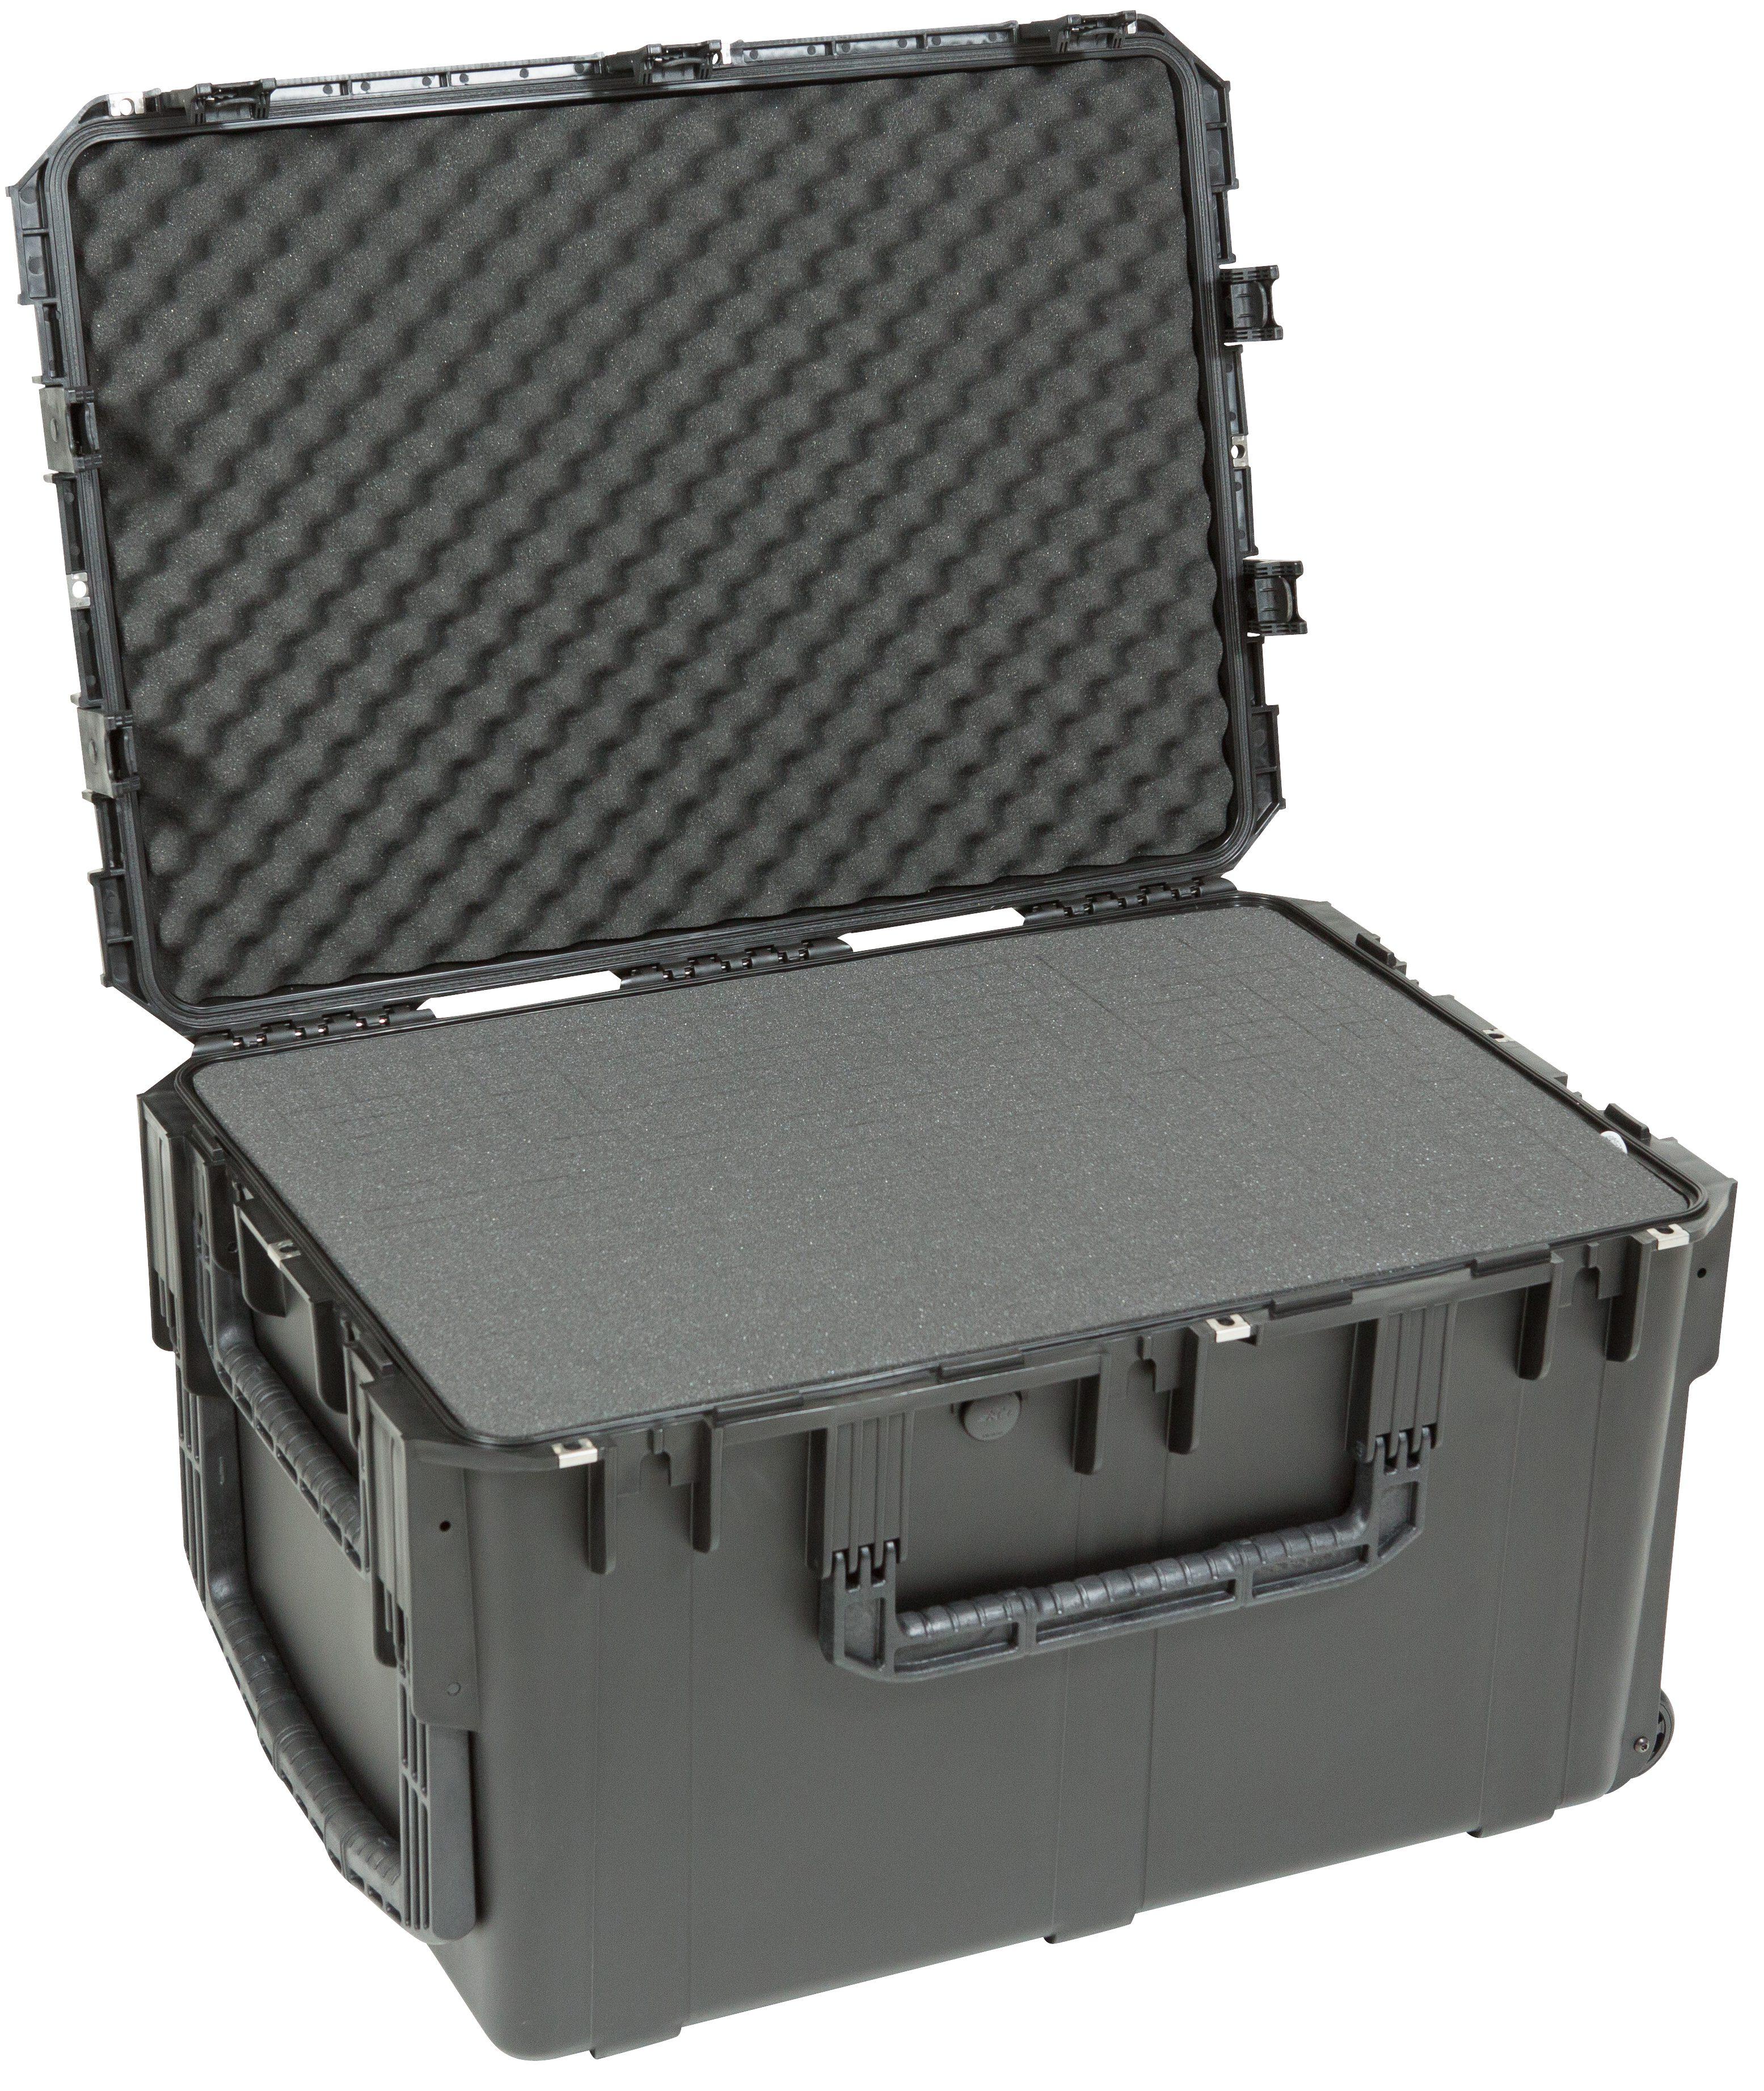 CC3021183ISK Case